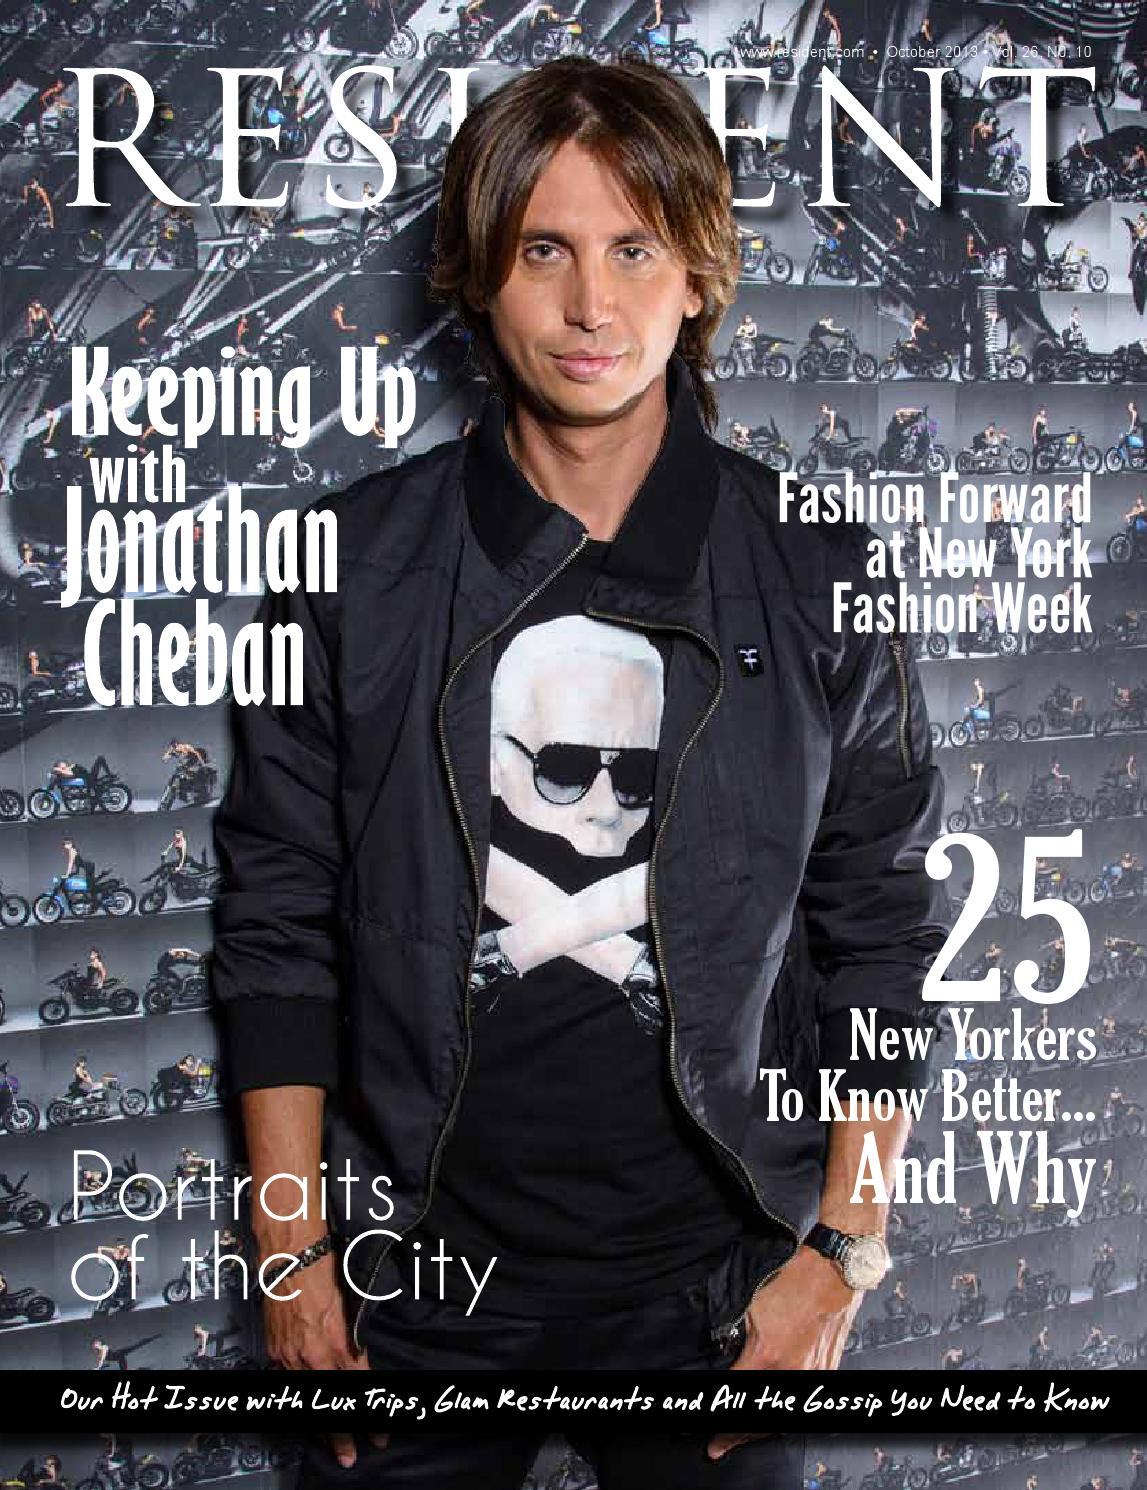 Resident Magazine October 2013 By Issuu Refill Leivy Goatamp039s Milk Shower Cream